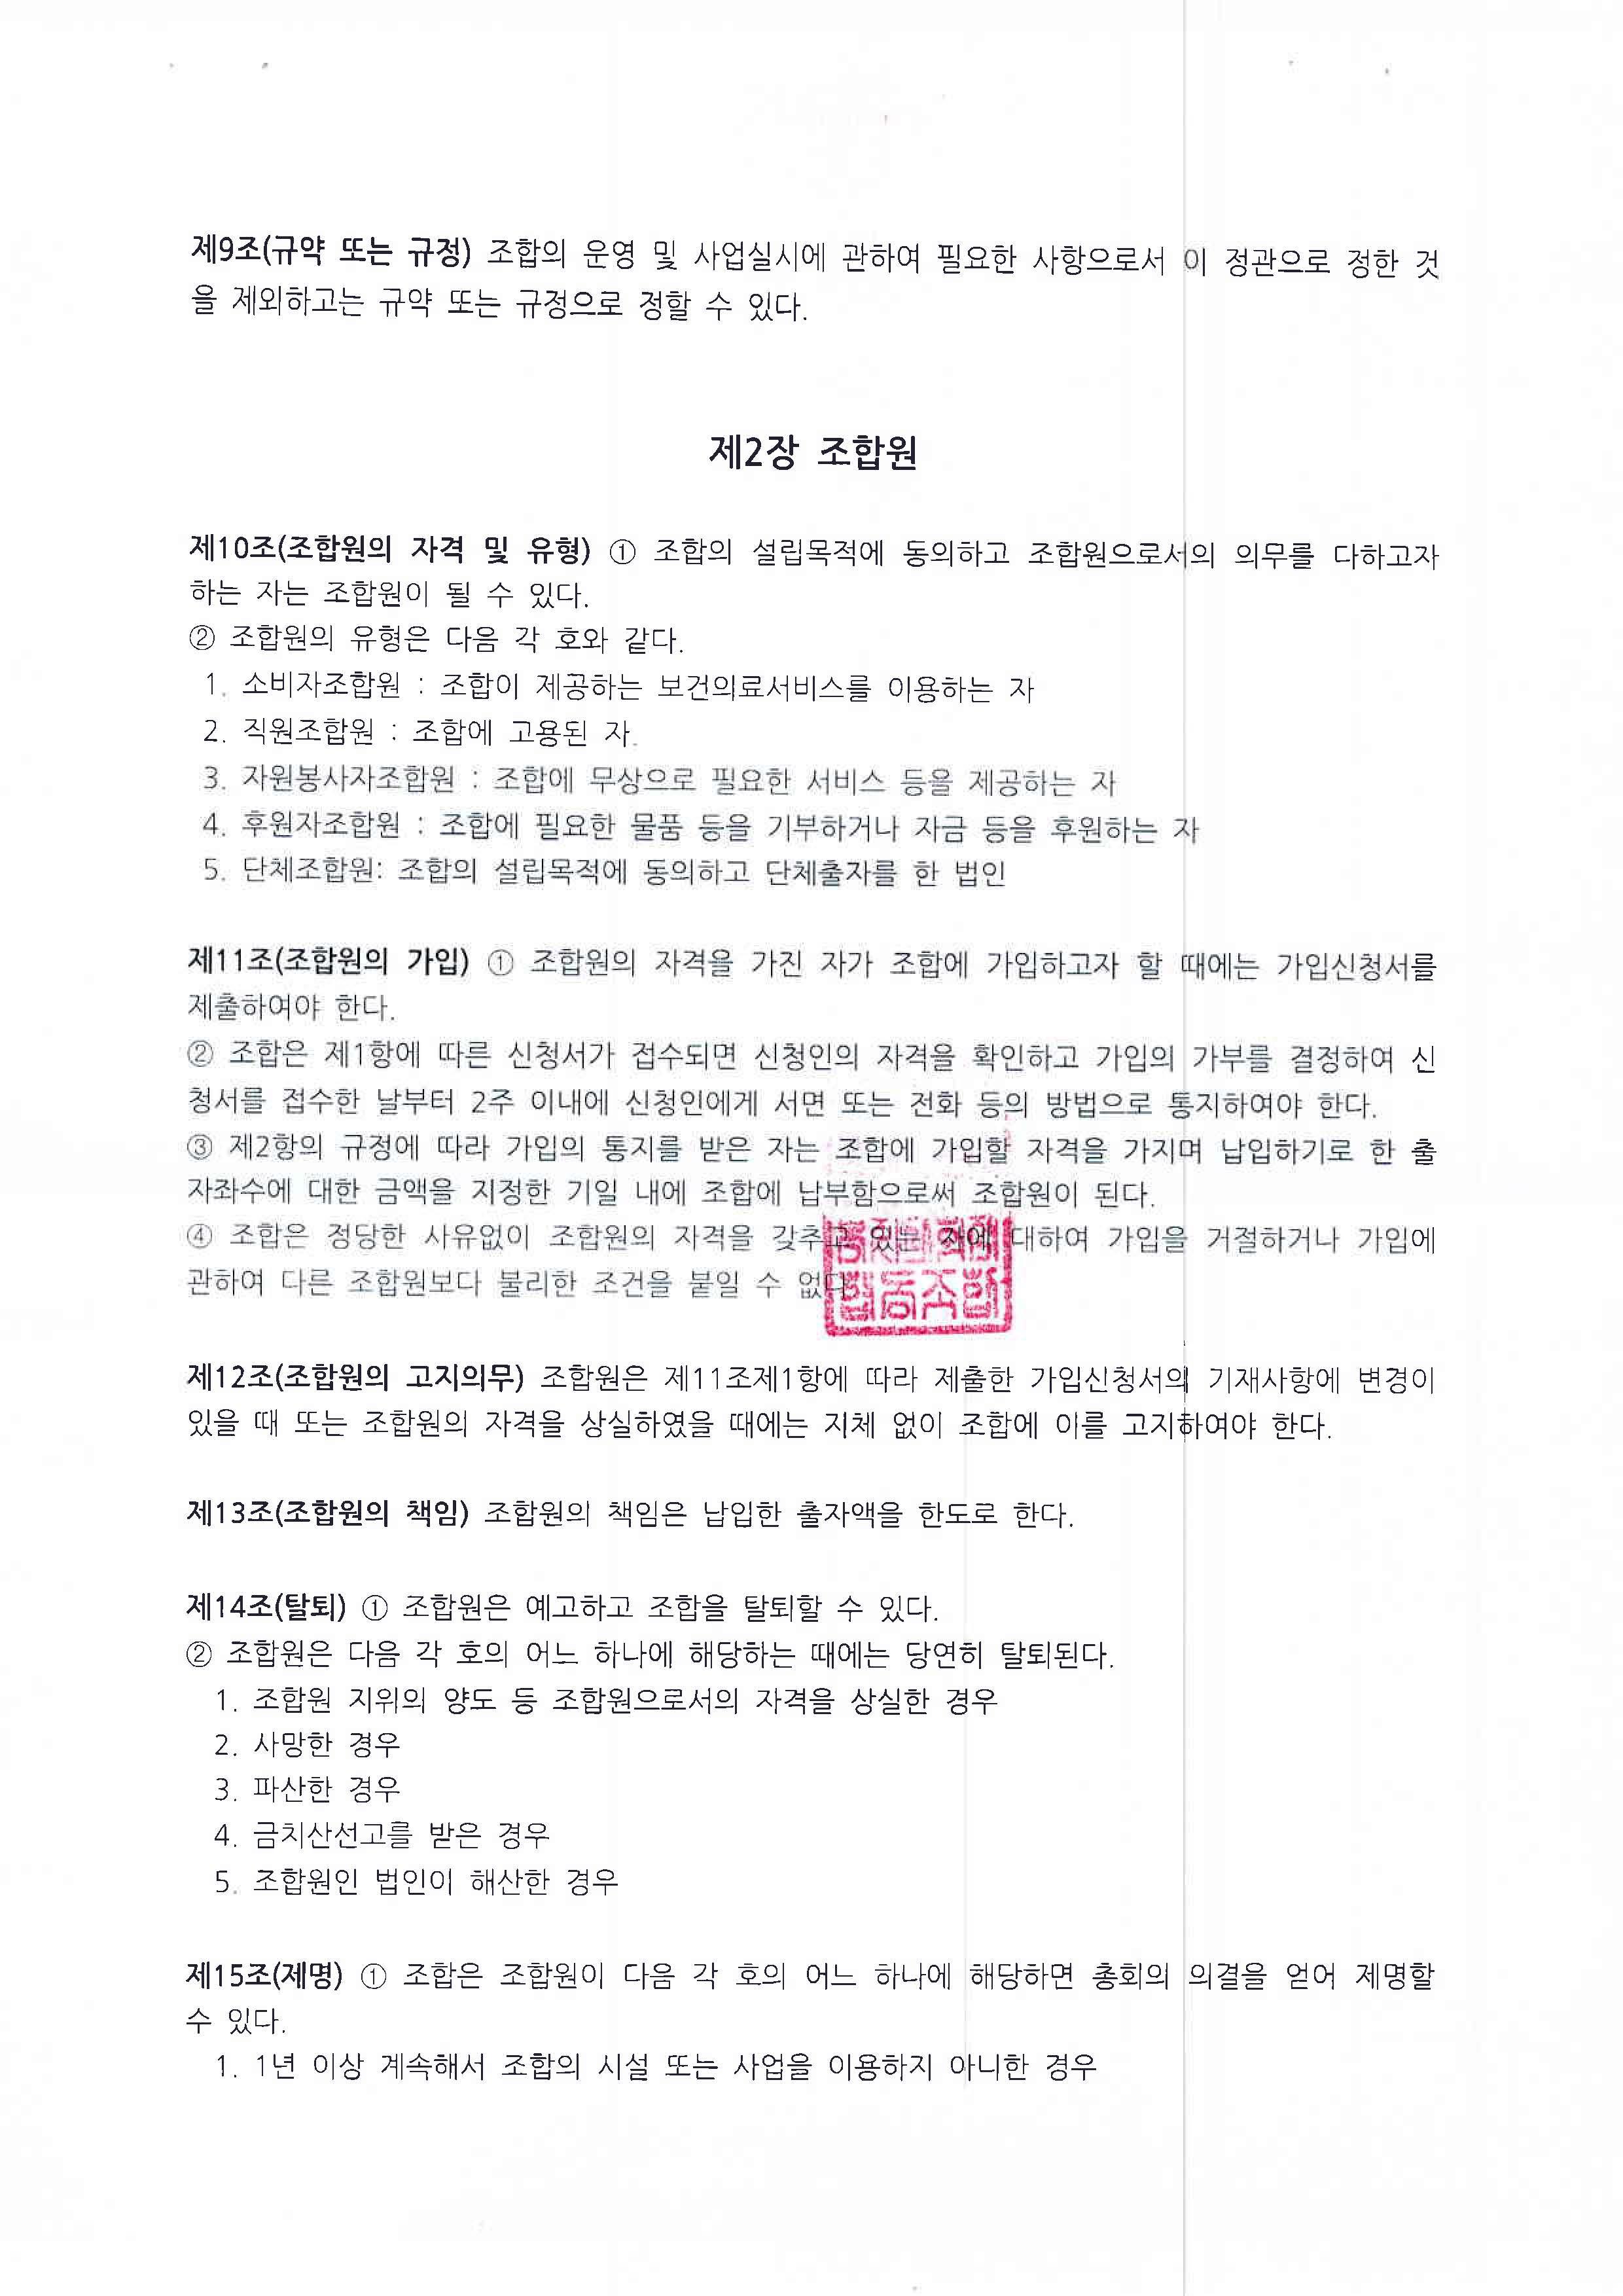 정관(20차 총회 개정안 반영)-원본대조필_페이지_04.jpg